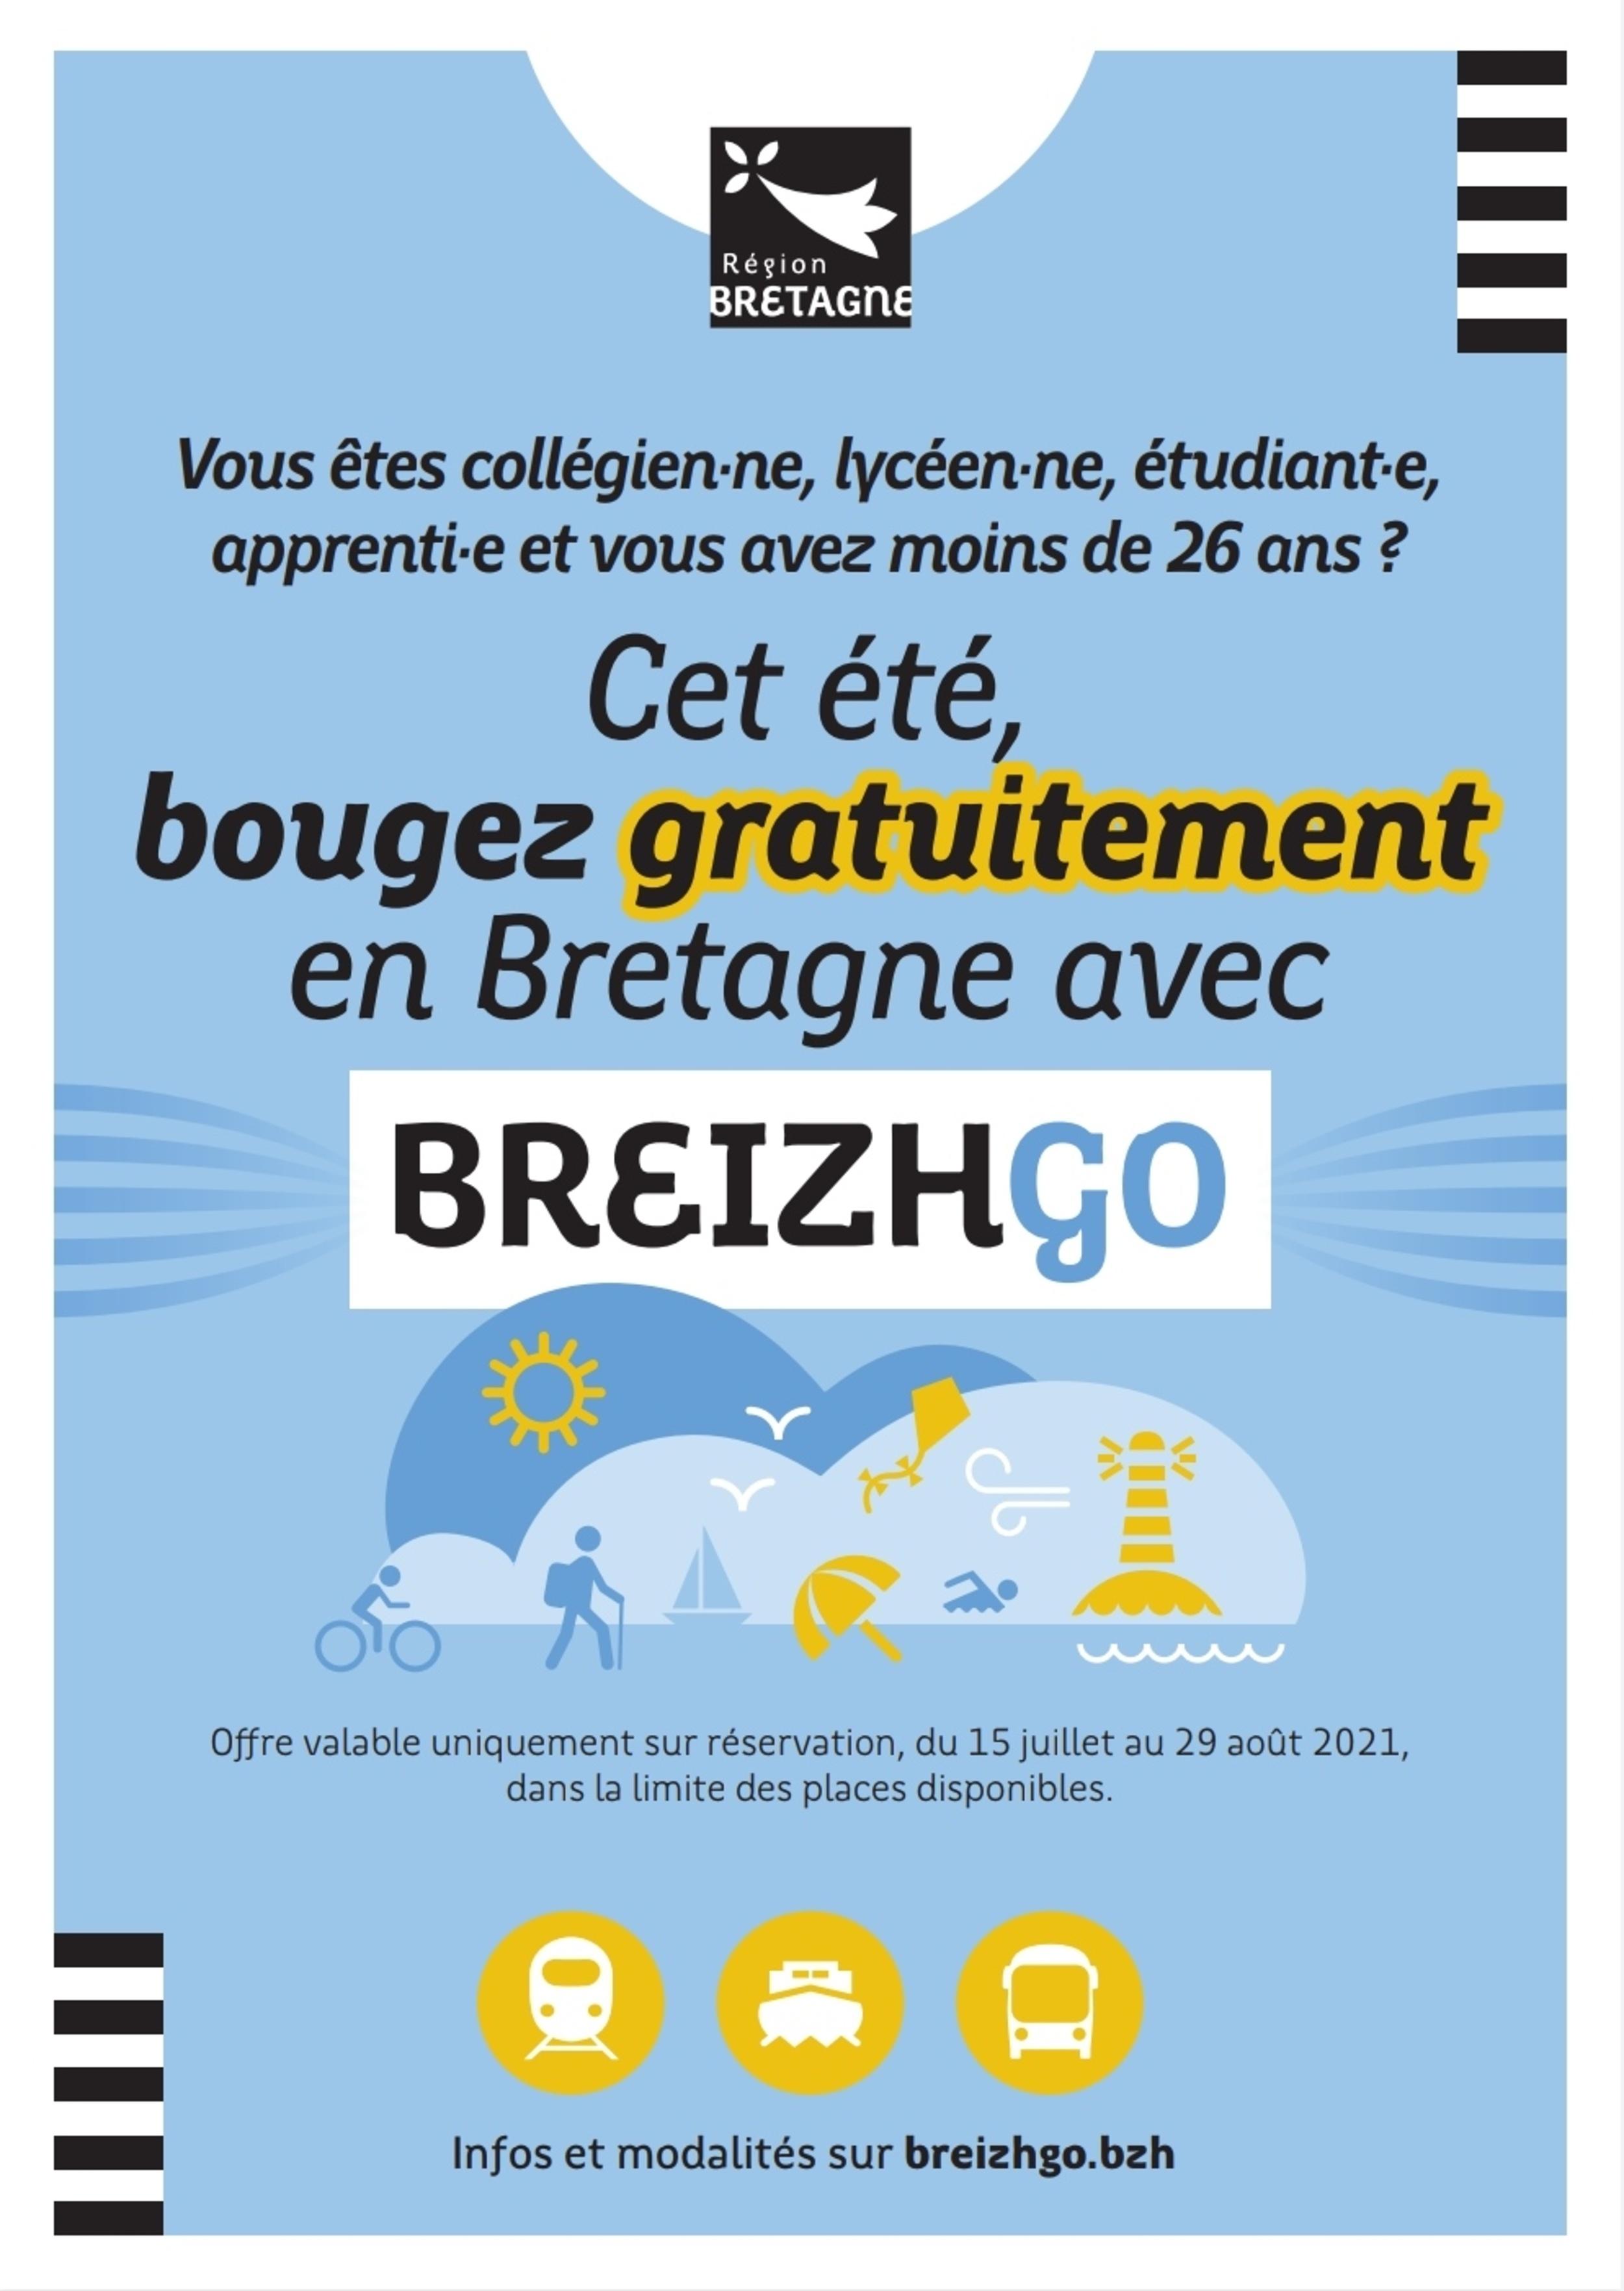 Voyagez gratuitement sur l'ensemble du réseau BreizhGo cet été!